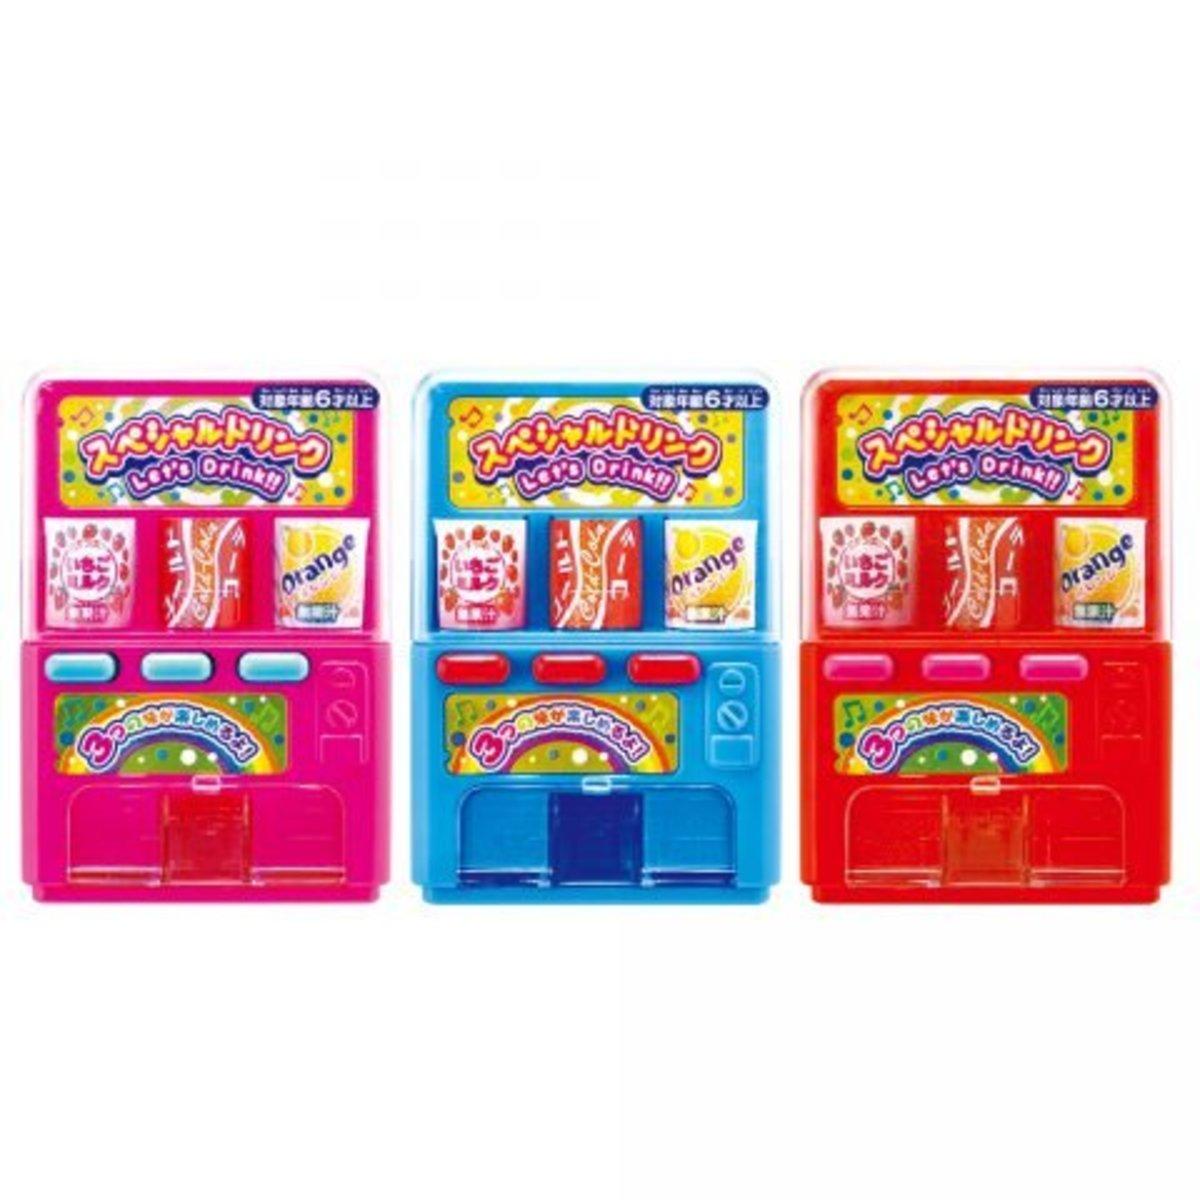 自動販賣機清涼糖第 2 彈 12g (隨機一款)